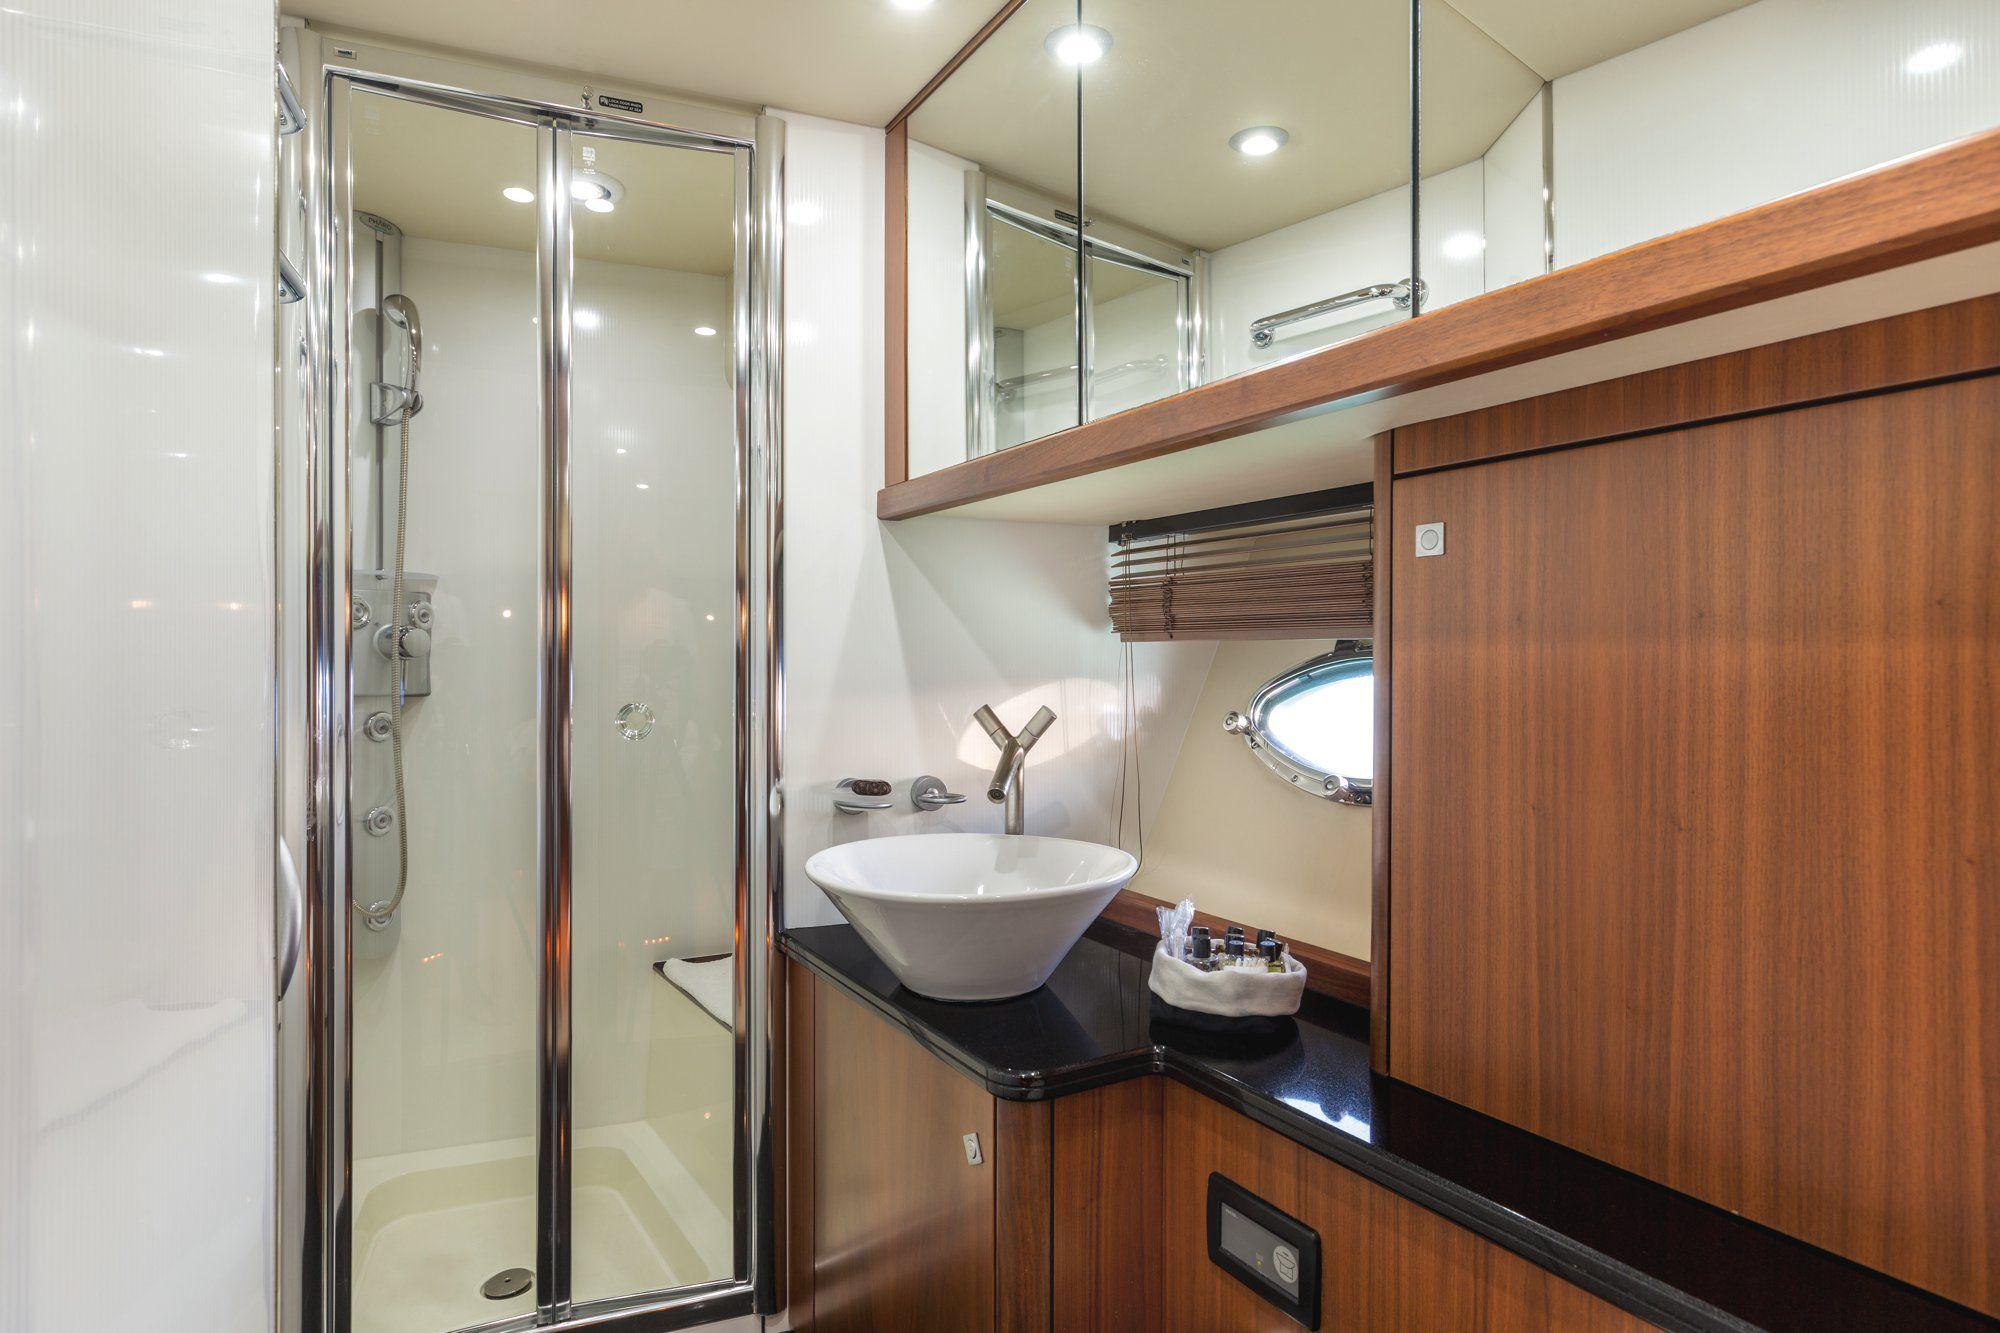 OCTAVIA Sunseeker Predator 83 Luxury Motoryacht OCTAVIA Sunseeker Predator 83 Luxury Motoryacht Bathroom